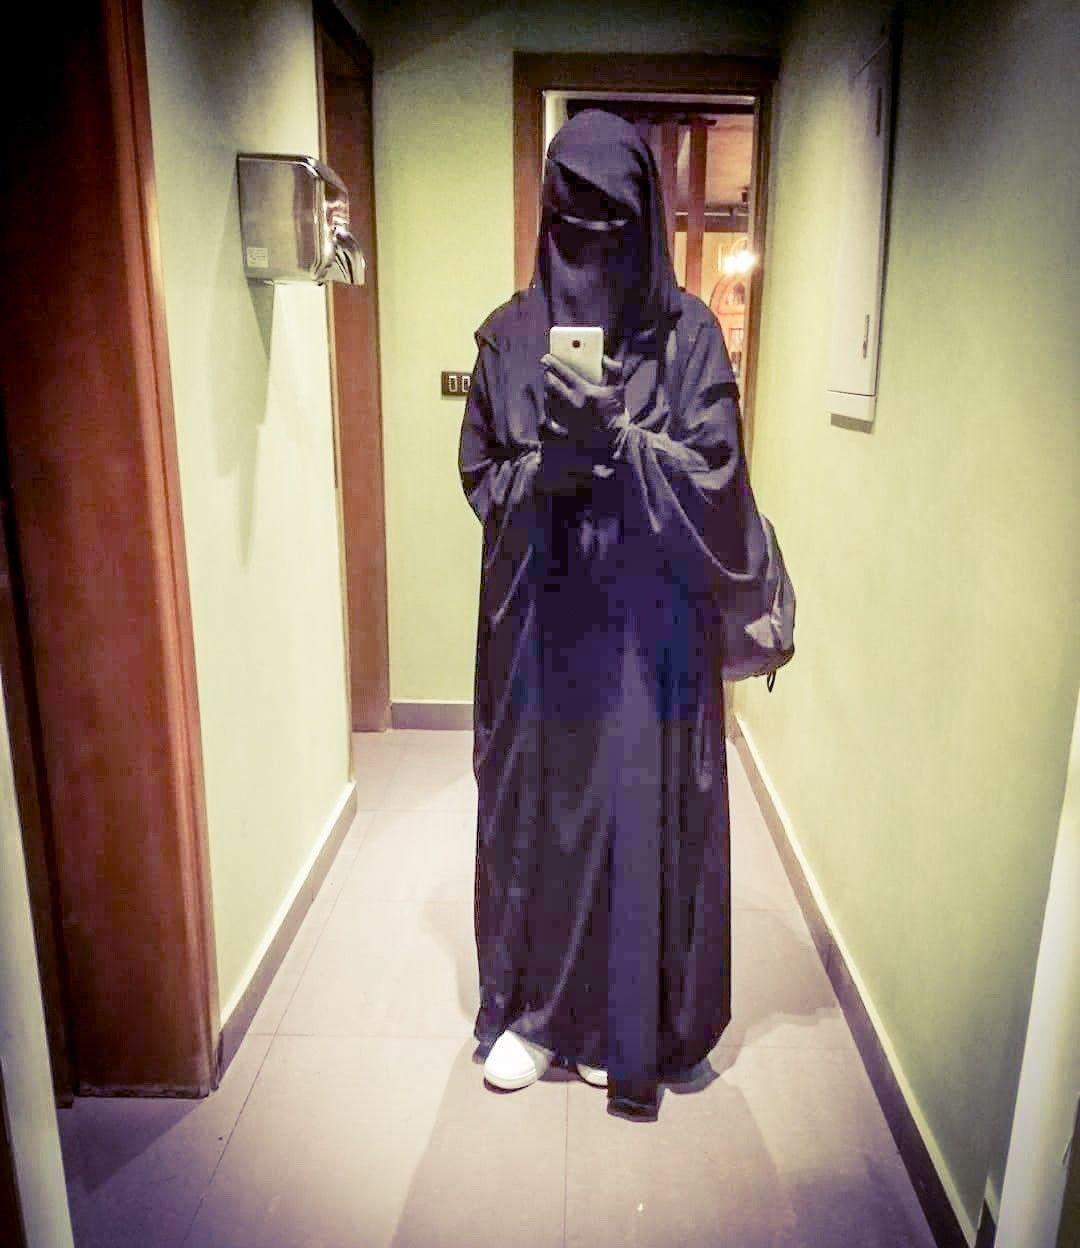 Pin By Aisha ʚiɞ To Reel On Niqab Niqab Fashion Muslim Women Hijab Outfit